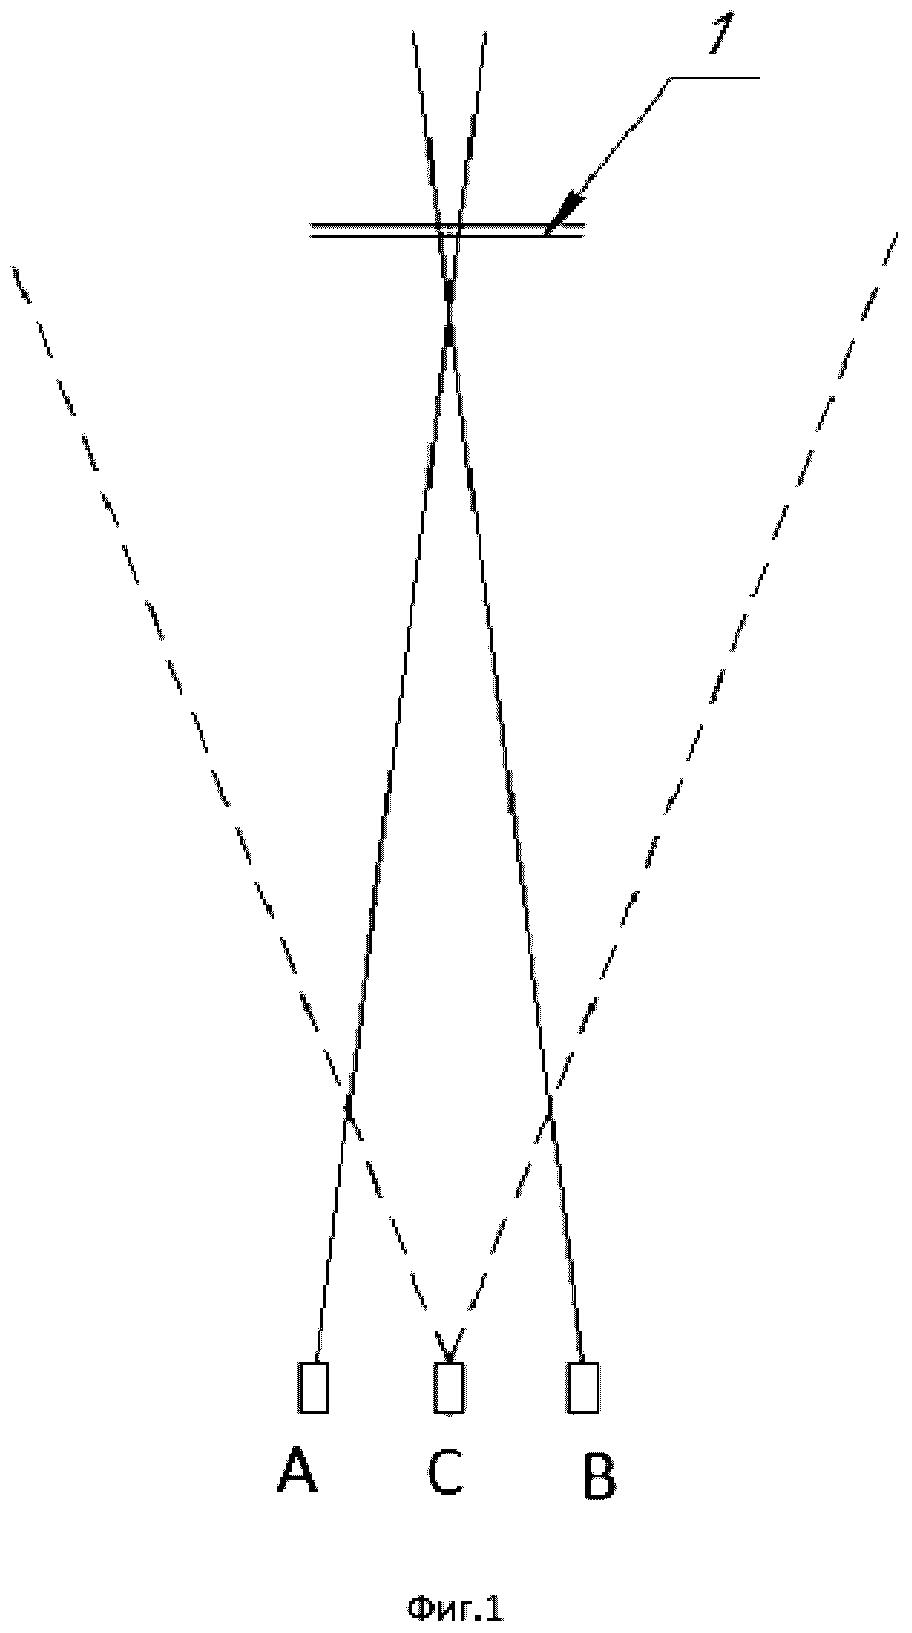 Способ измерения параметров контактного провода электротранспорта и устройство для его реализации